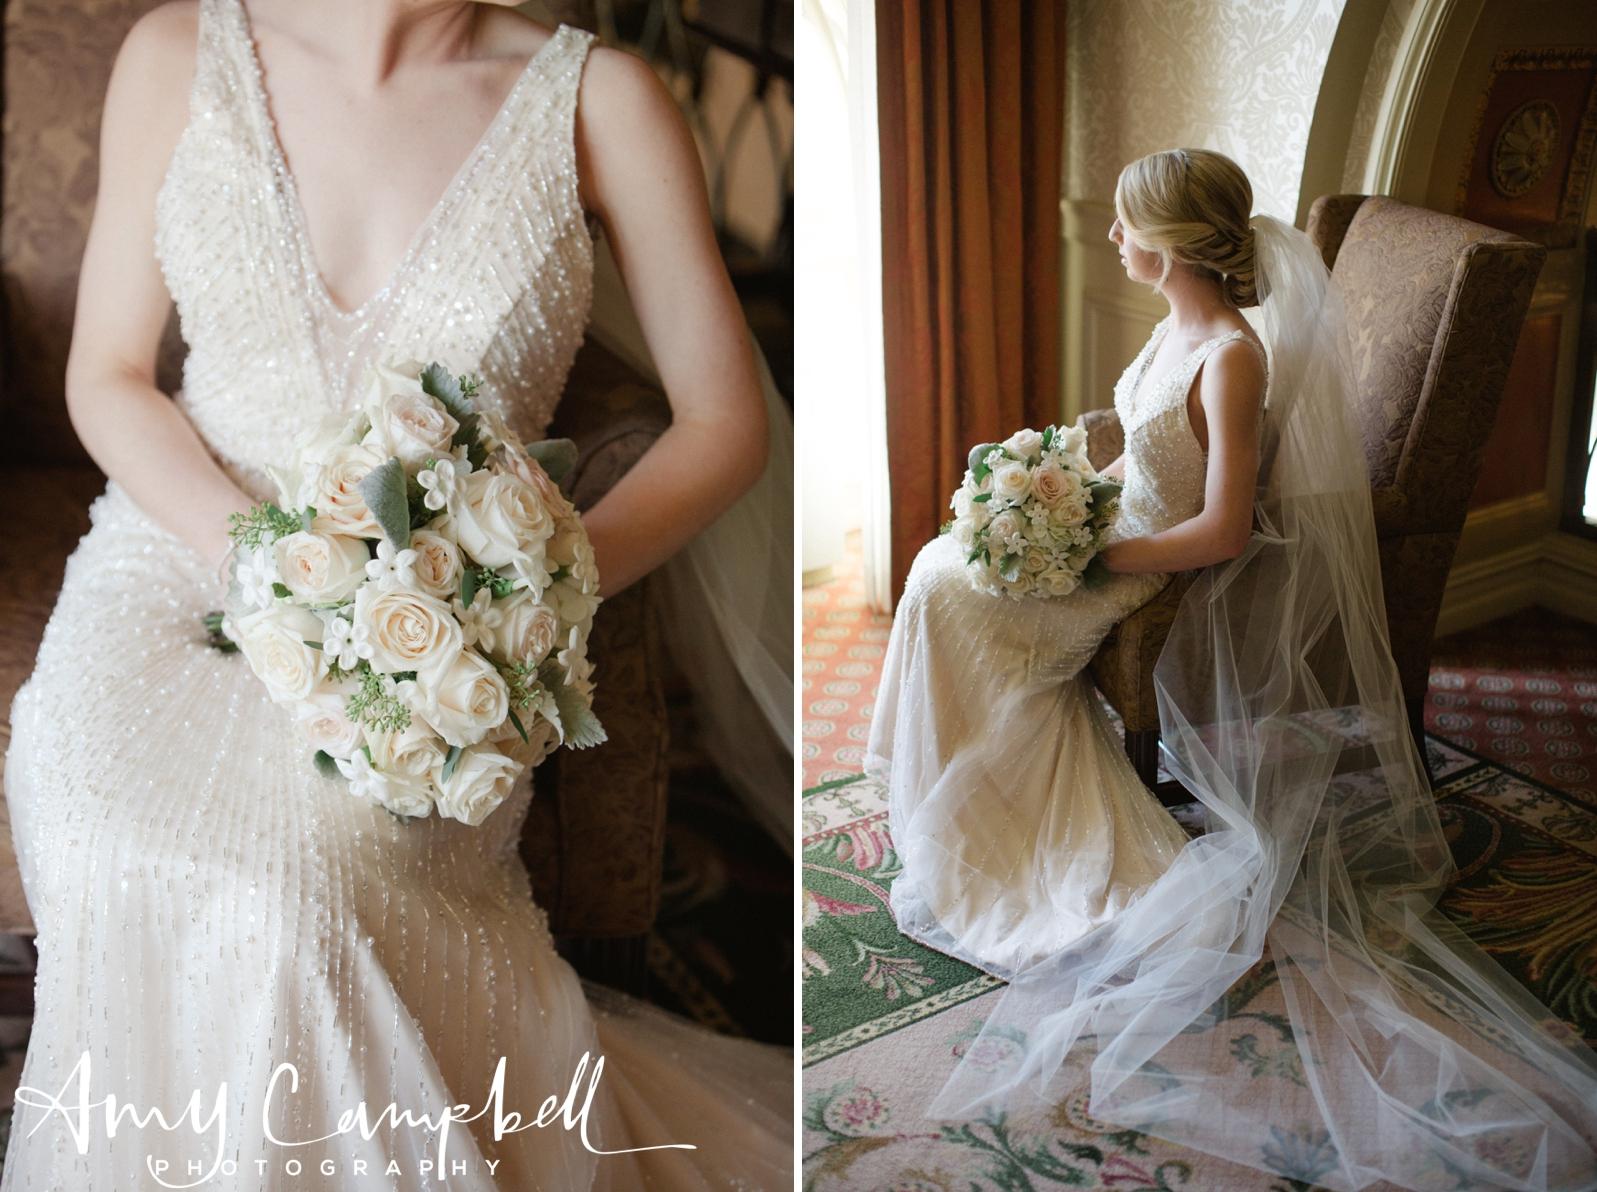 emmakyle_wedding_fb_amycampbellphotography_0019.jpg